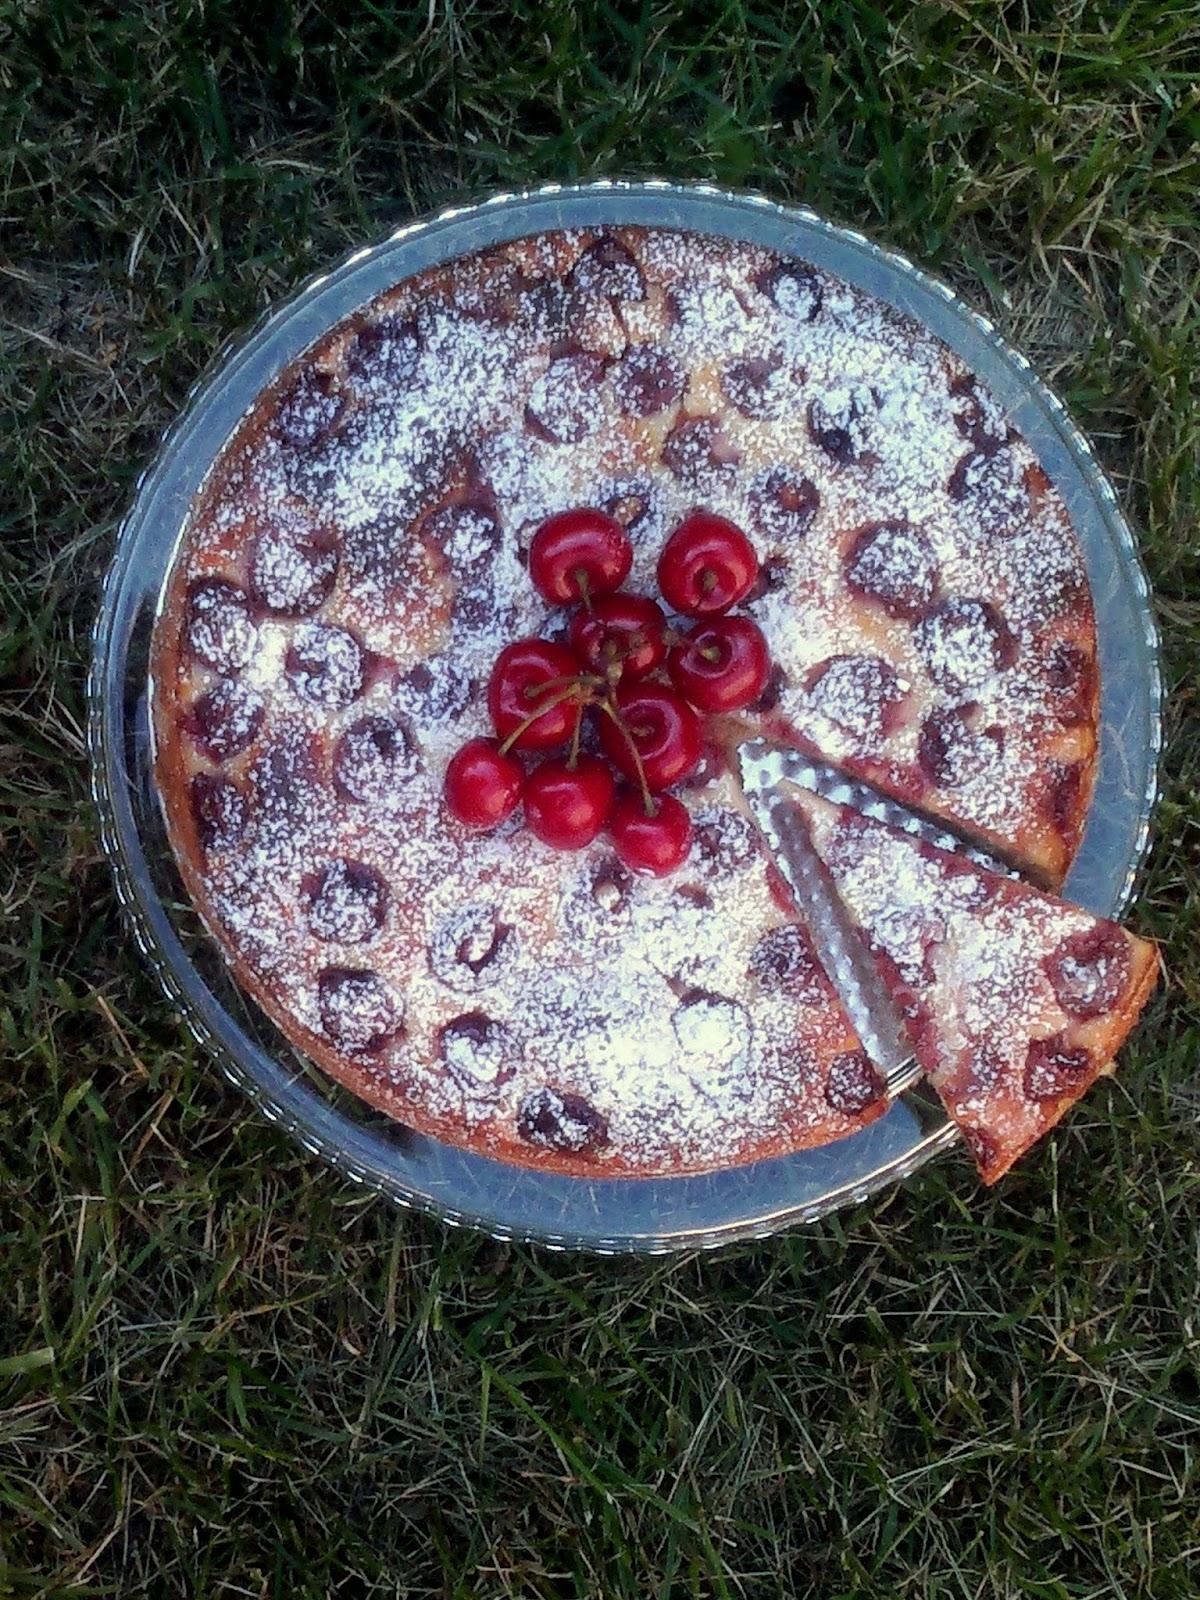 Wrońska na słodko: Ciasto Twarogowe z Czereśniami i Śmietankową Polewą